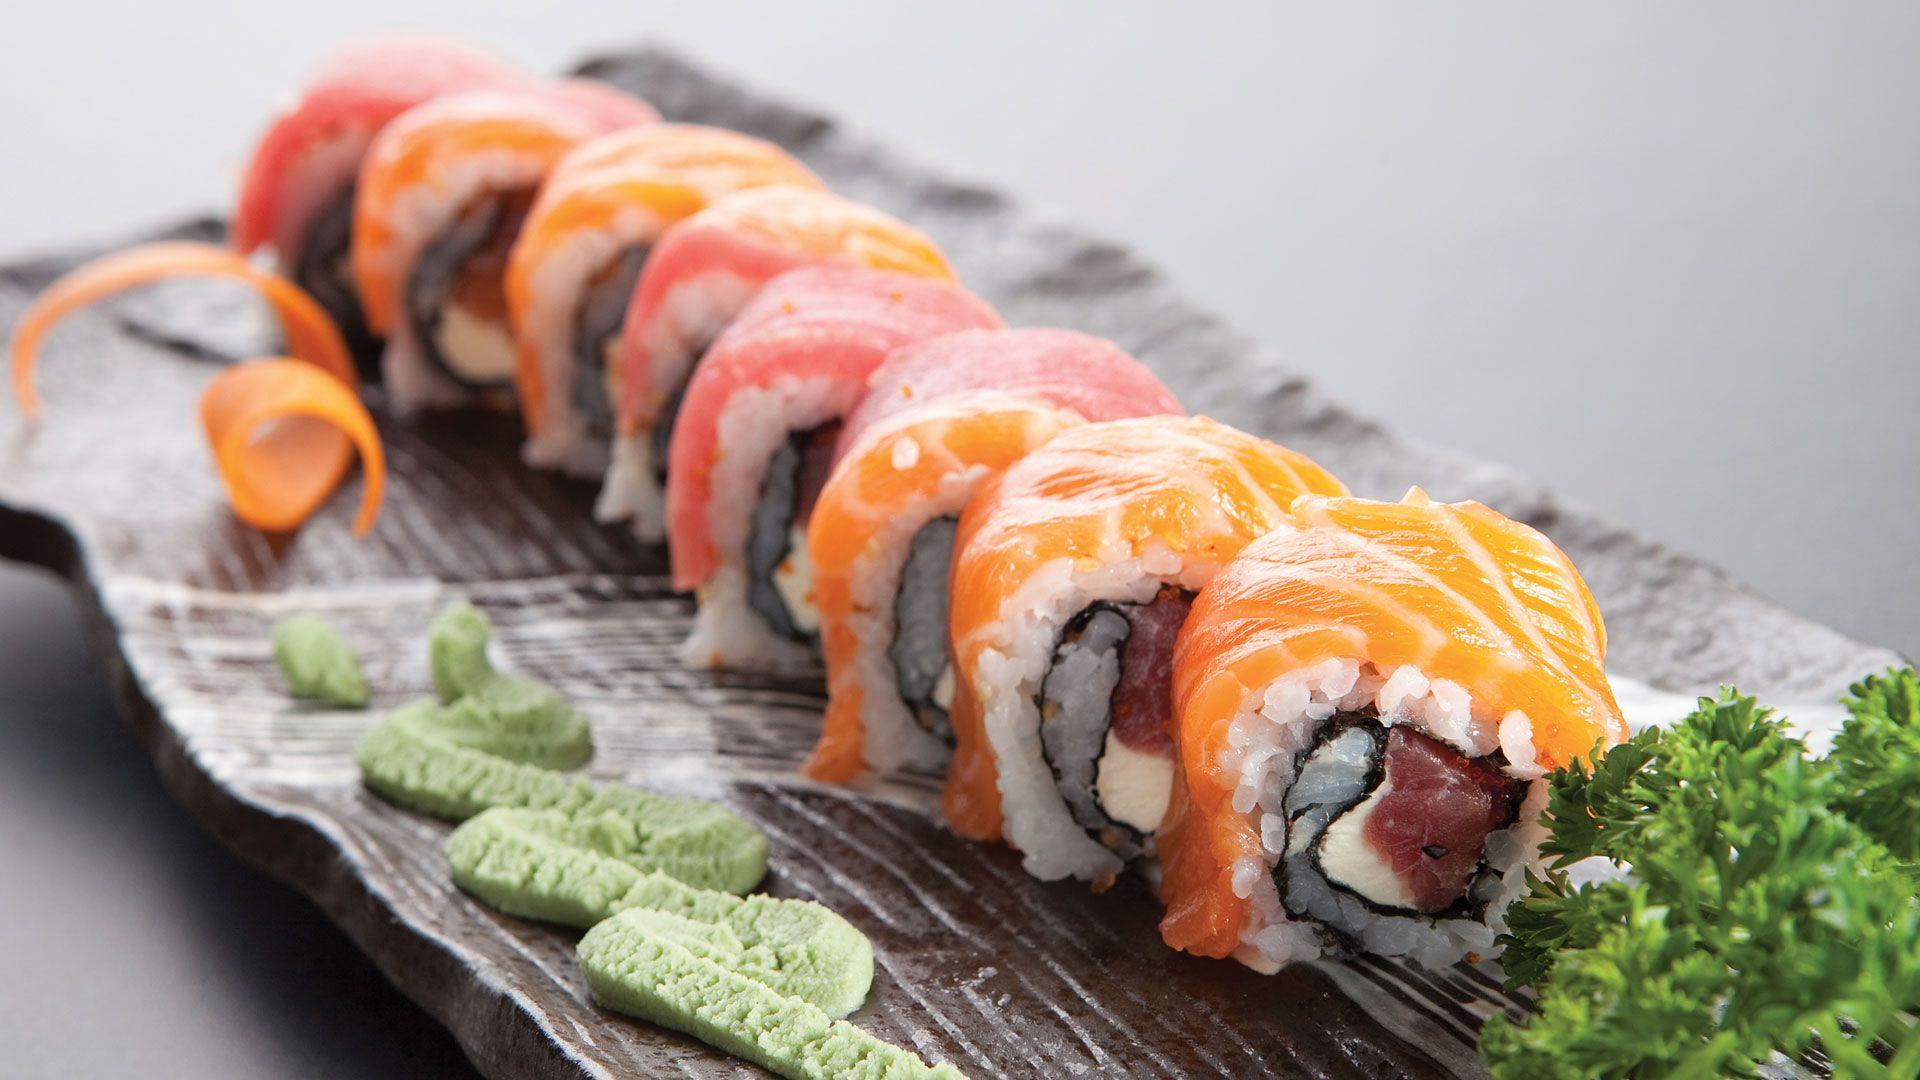 Γευστικές Ασιατικές Πανδαισίες - Μενού - Κινέζικο & Σουσι Εστιατόριο Won Ton